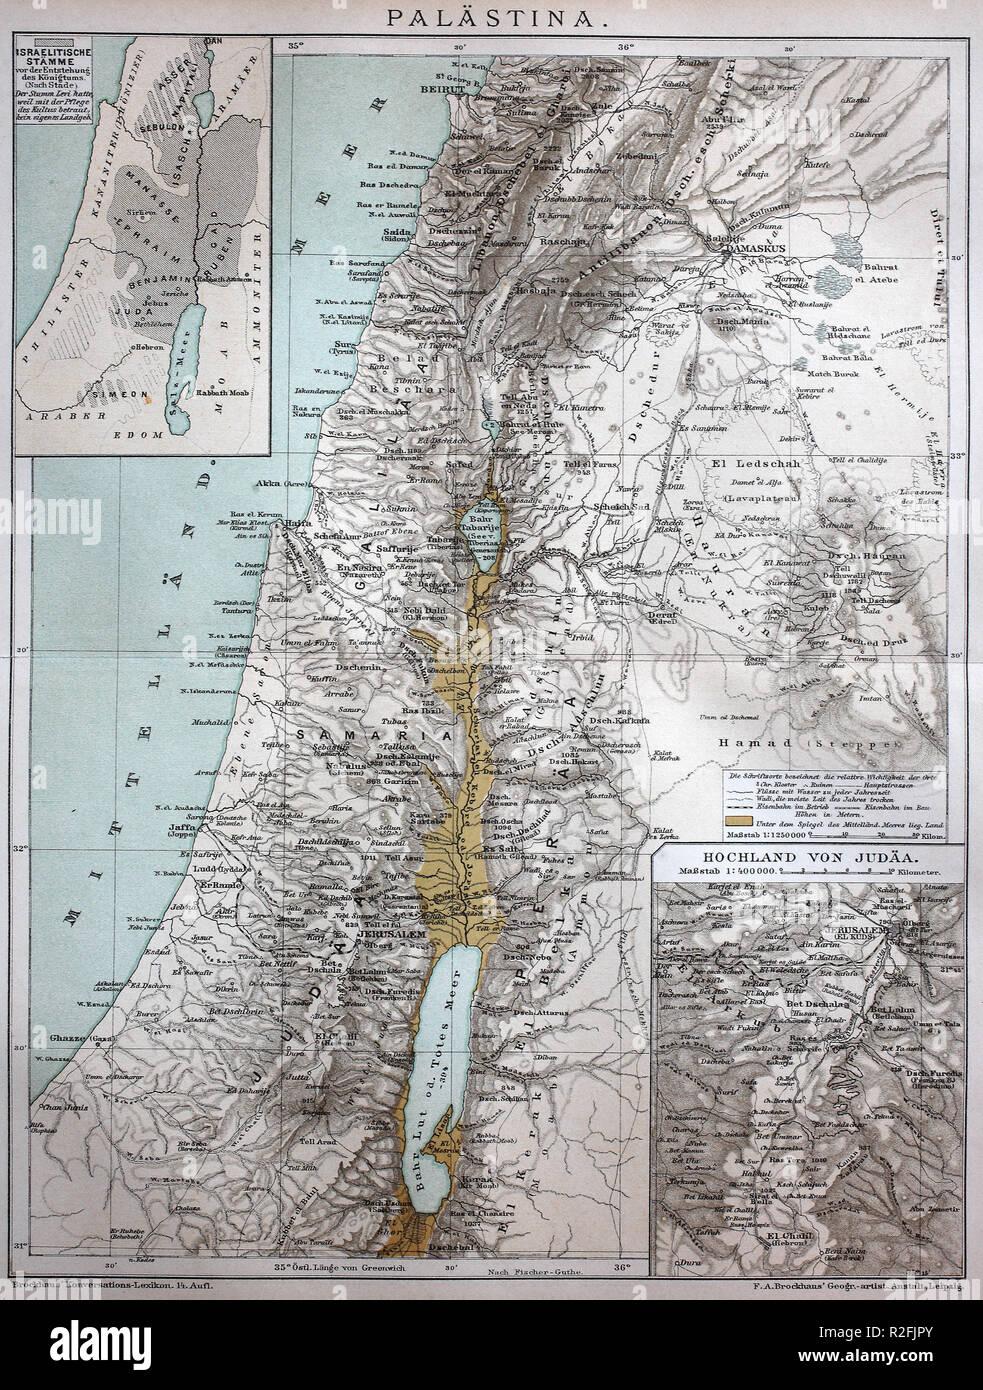 Digital riproduzione migliorata, la mappa della Palestina nell'anno 1886, a partire da un originale di stampa dal XIX secolo Immagini Stock